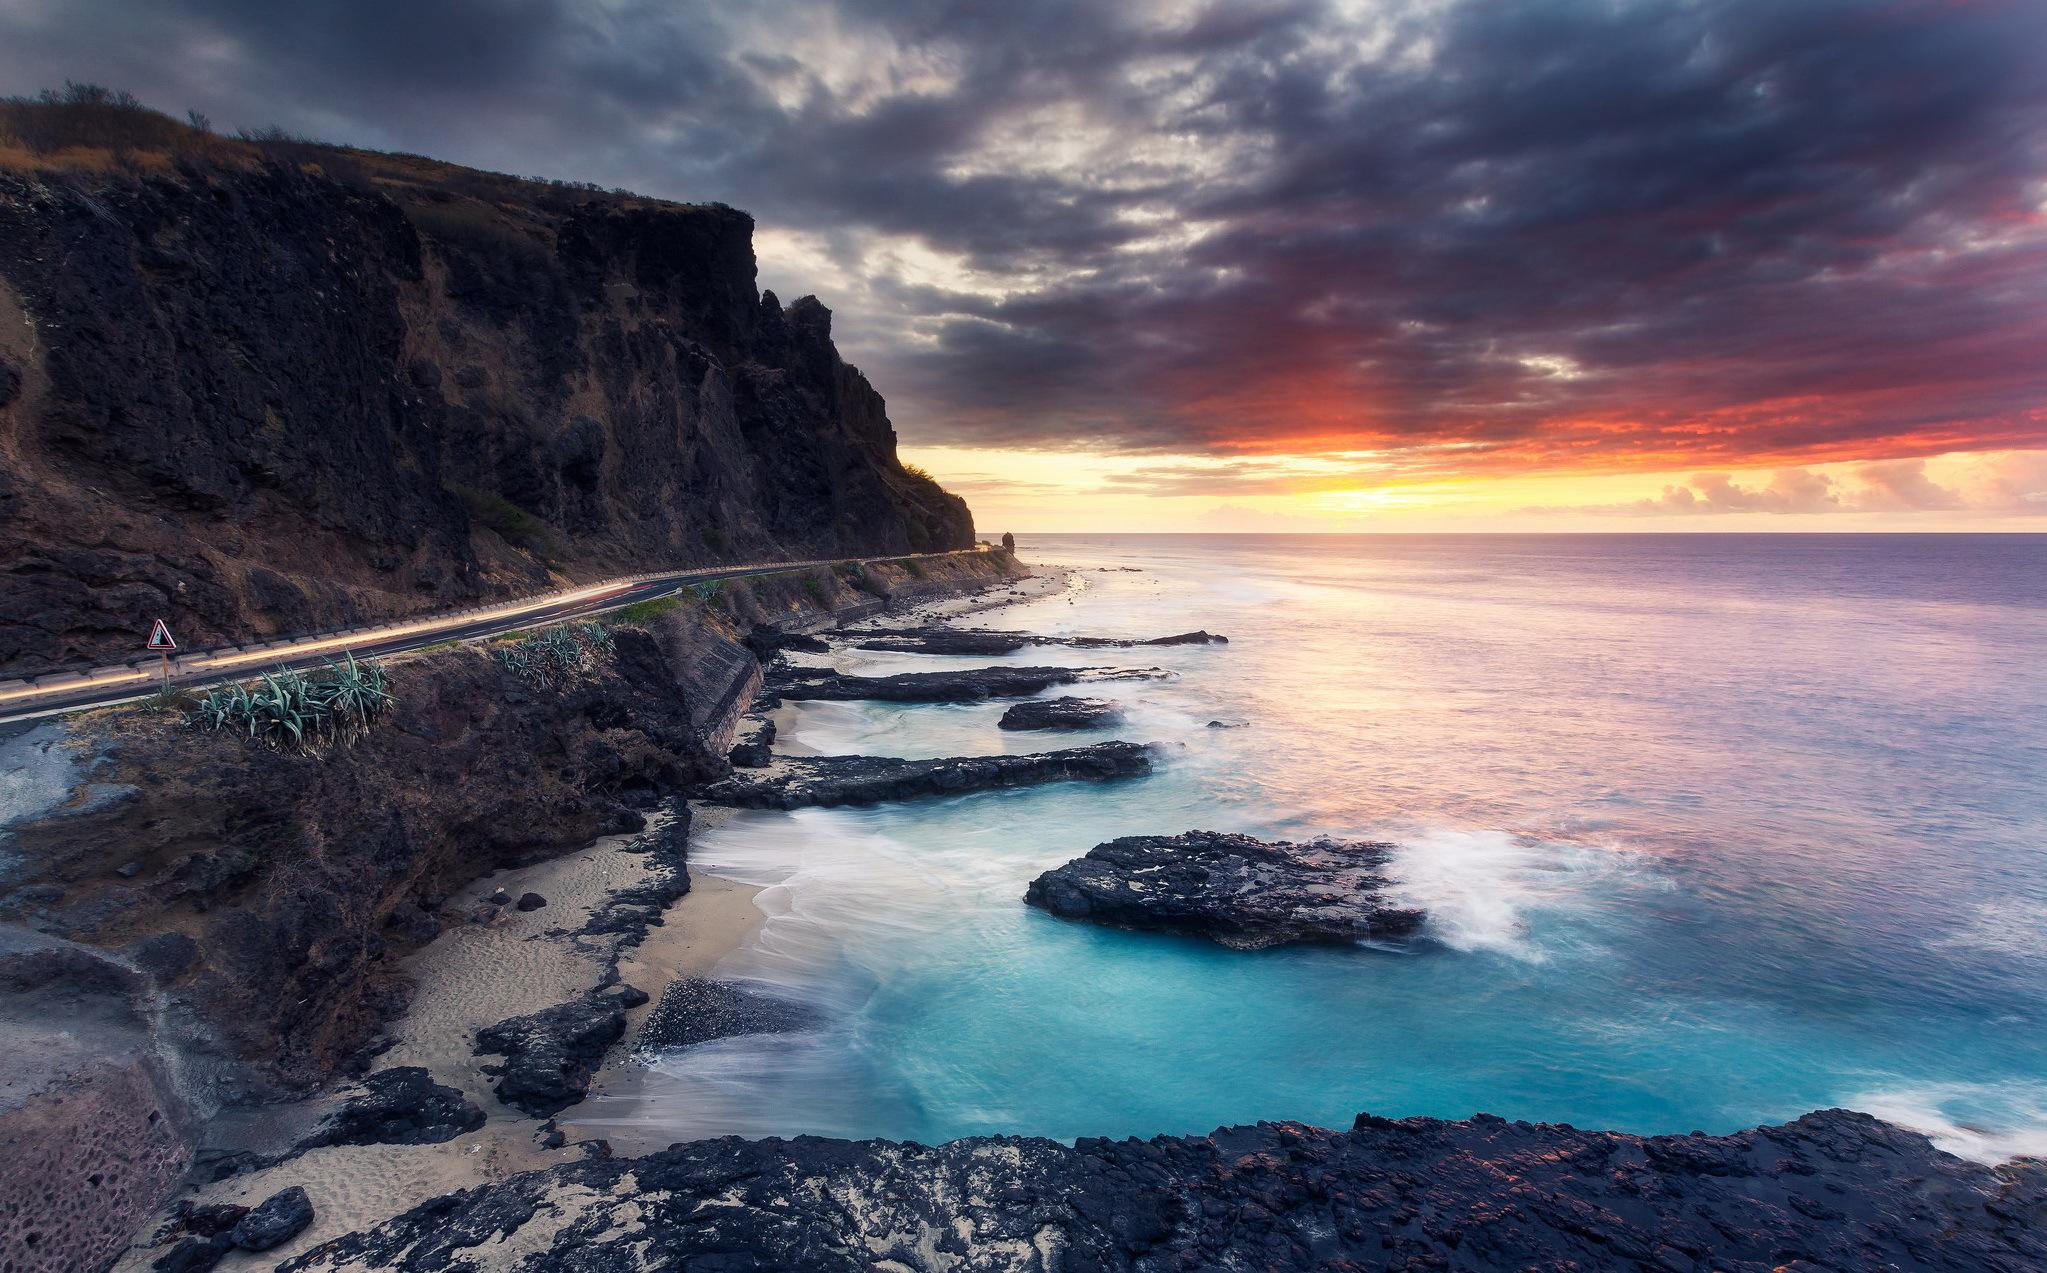 обои море берег скалы фотографе ольга болотникова